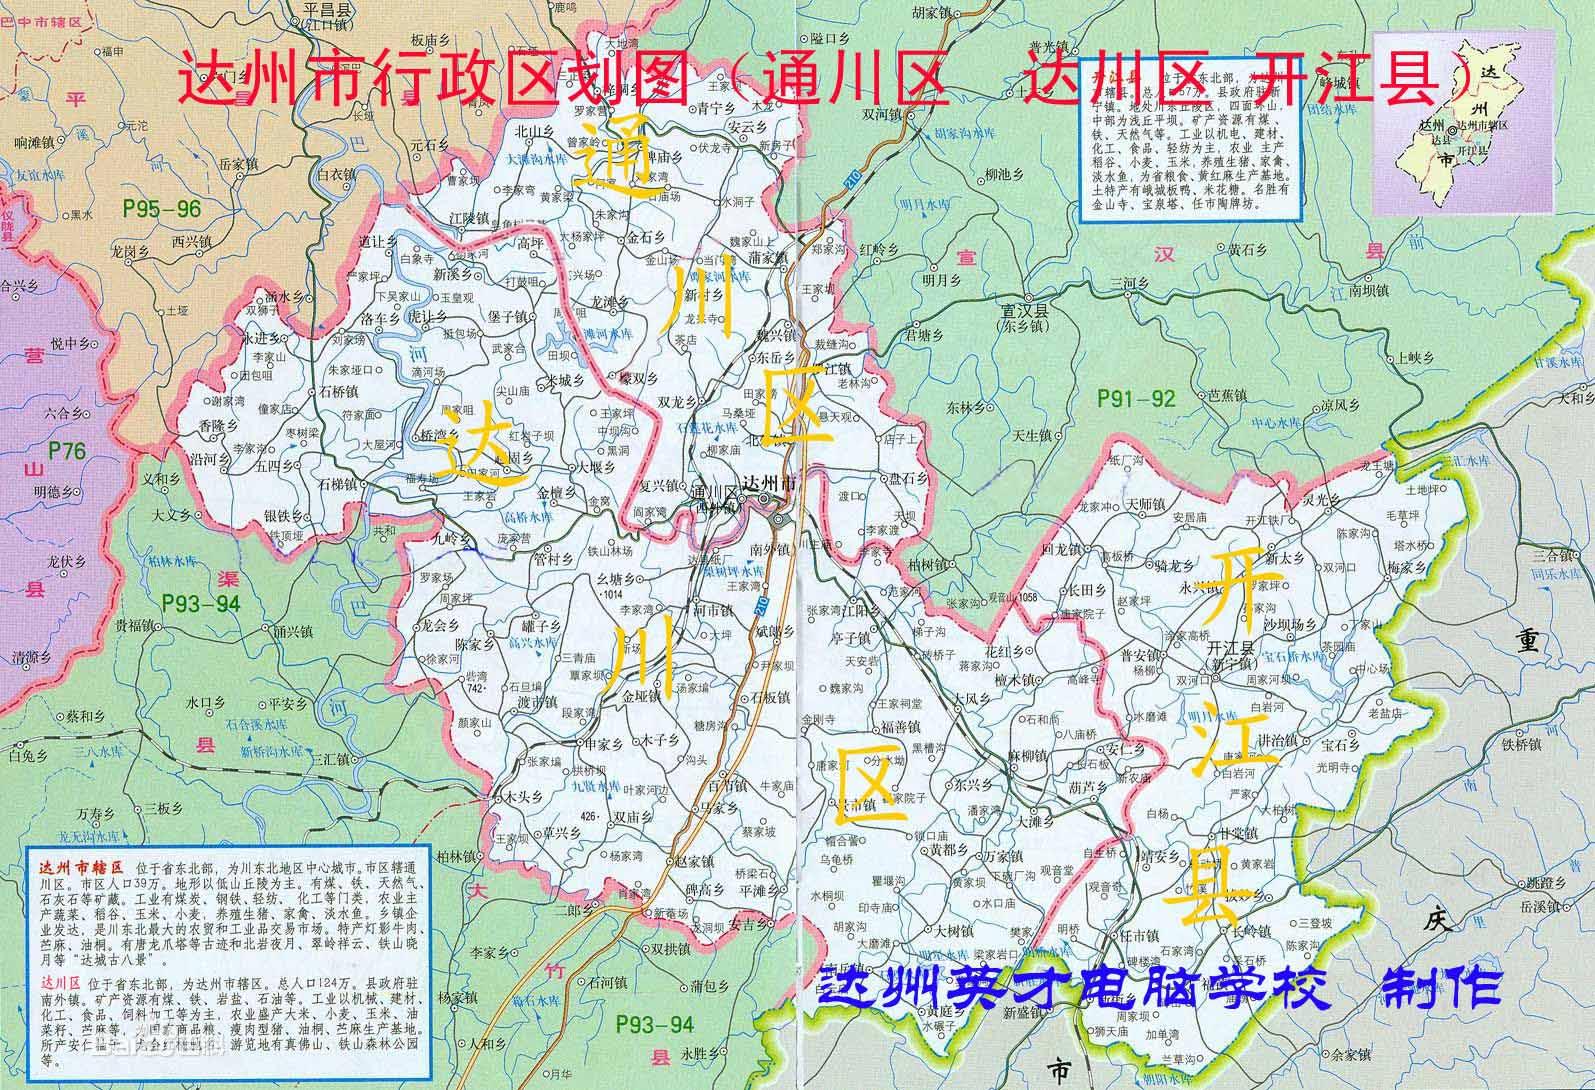 达川区和通川区最新行政区划地图